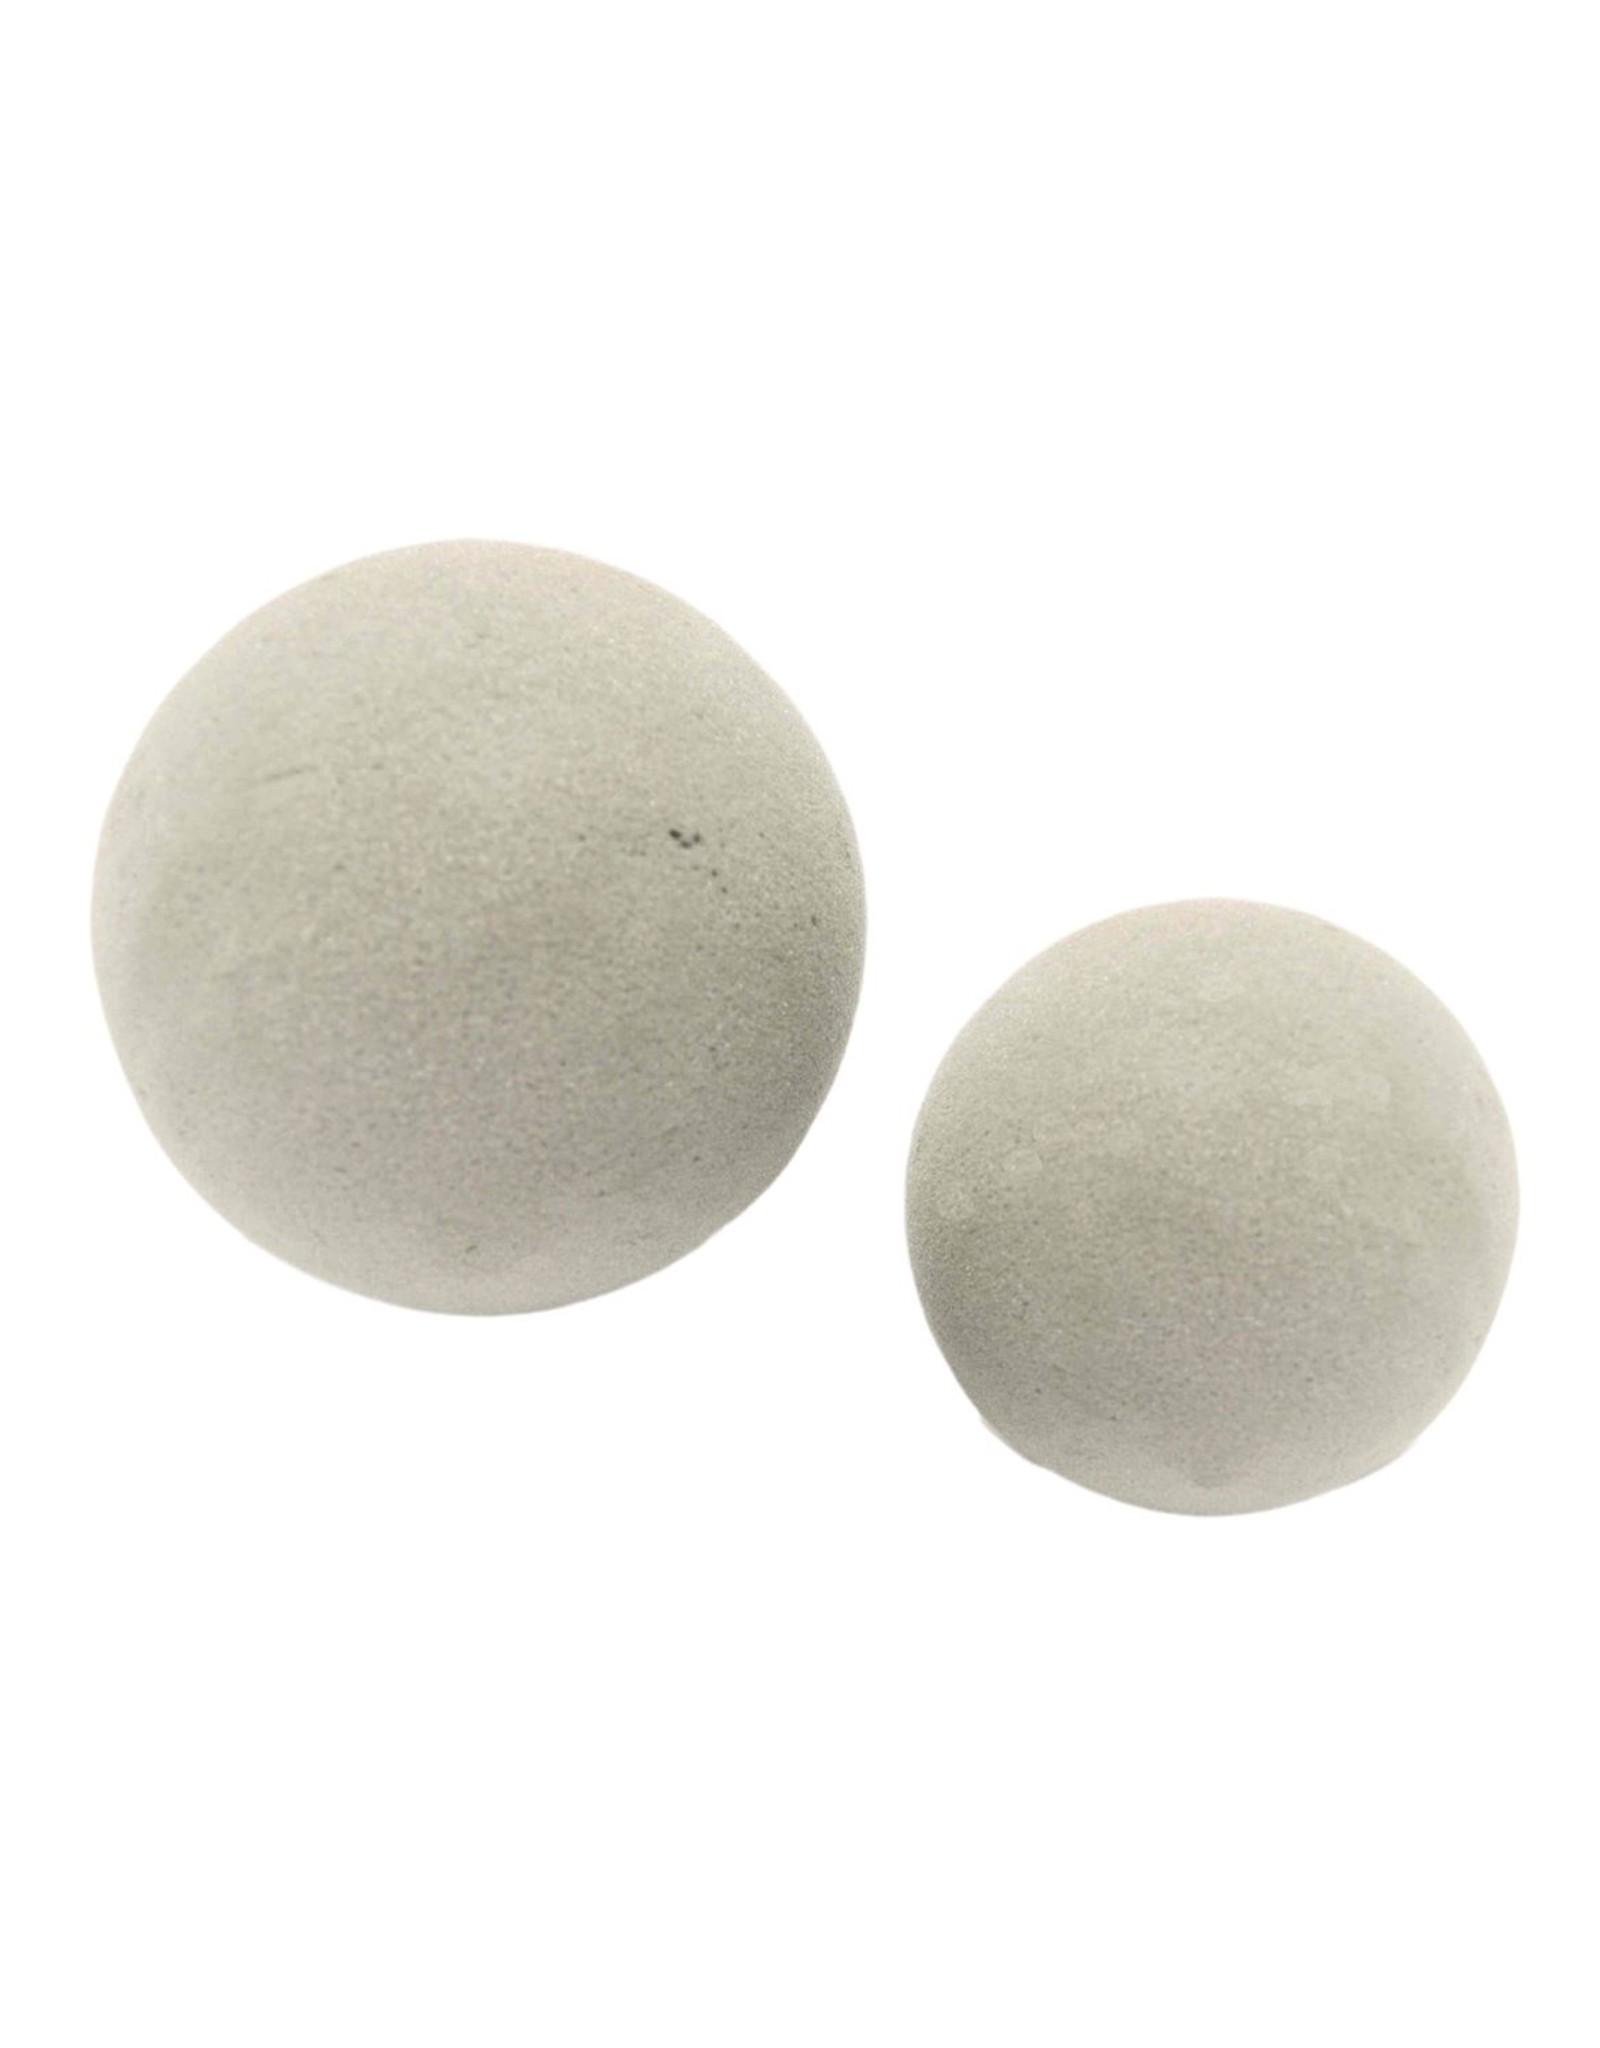 HD Basic Ball Sld Dry Foam Ø12.0 (x 36)